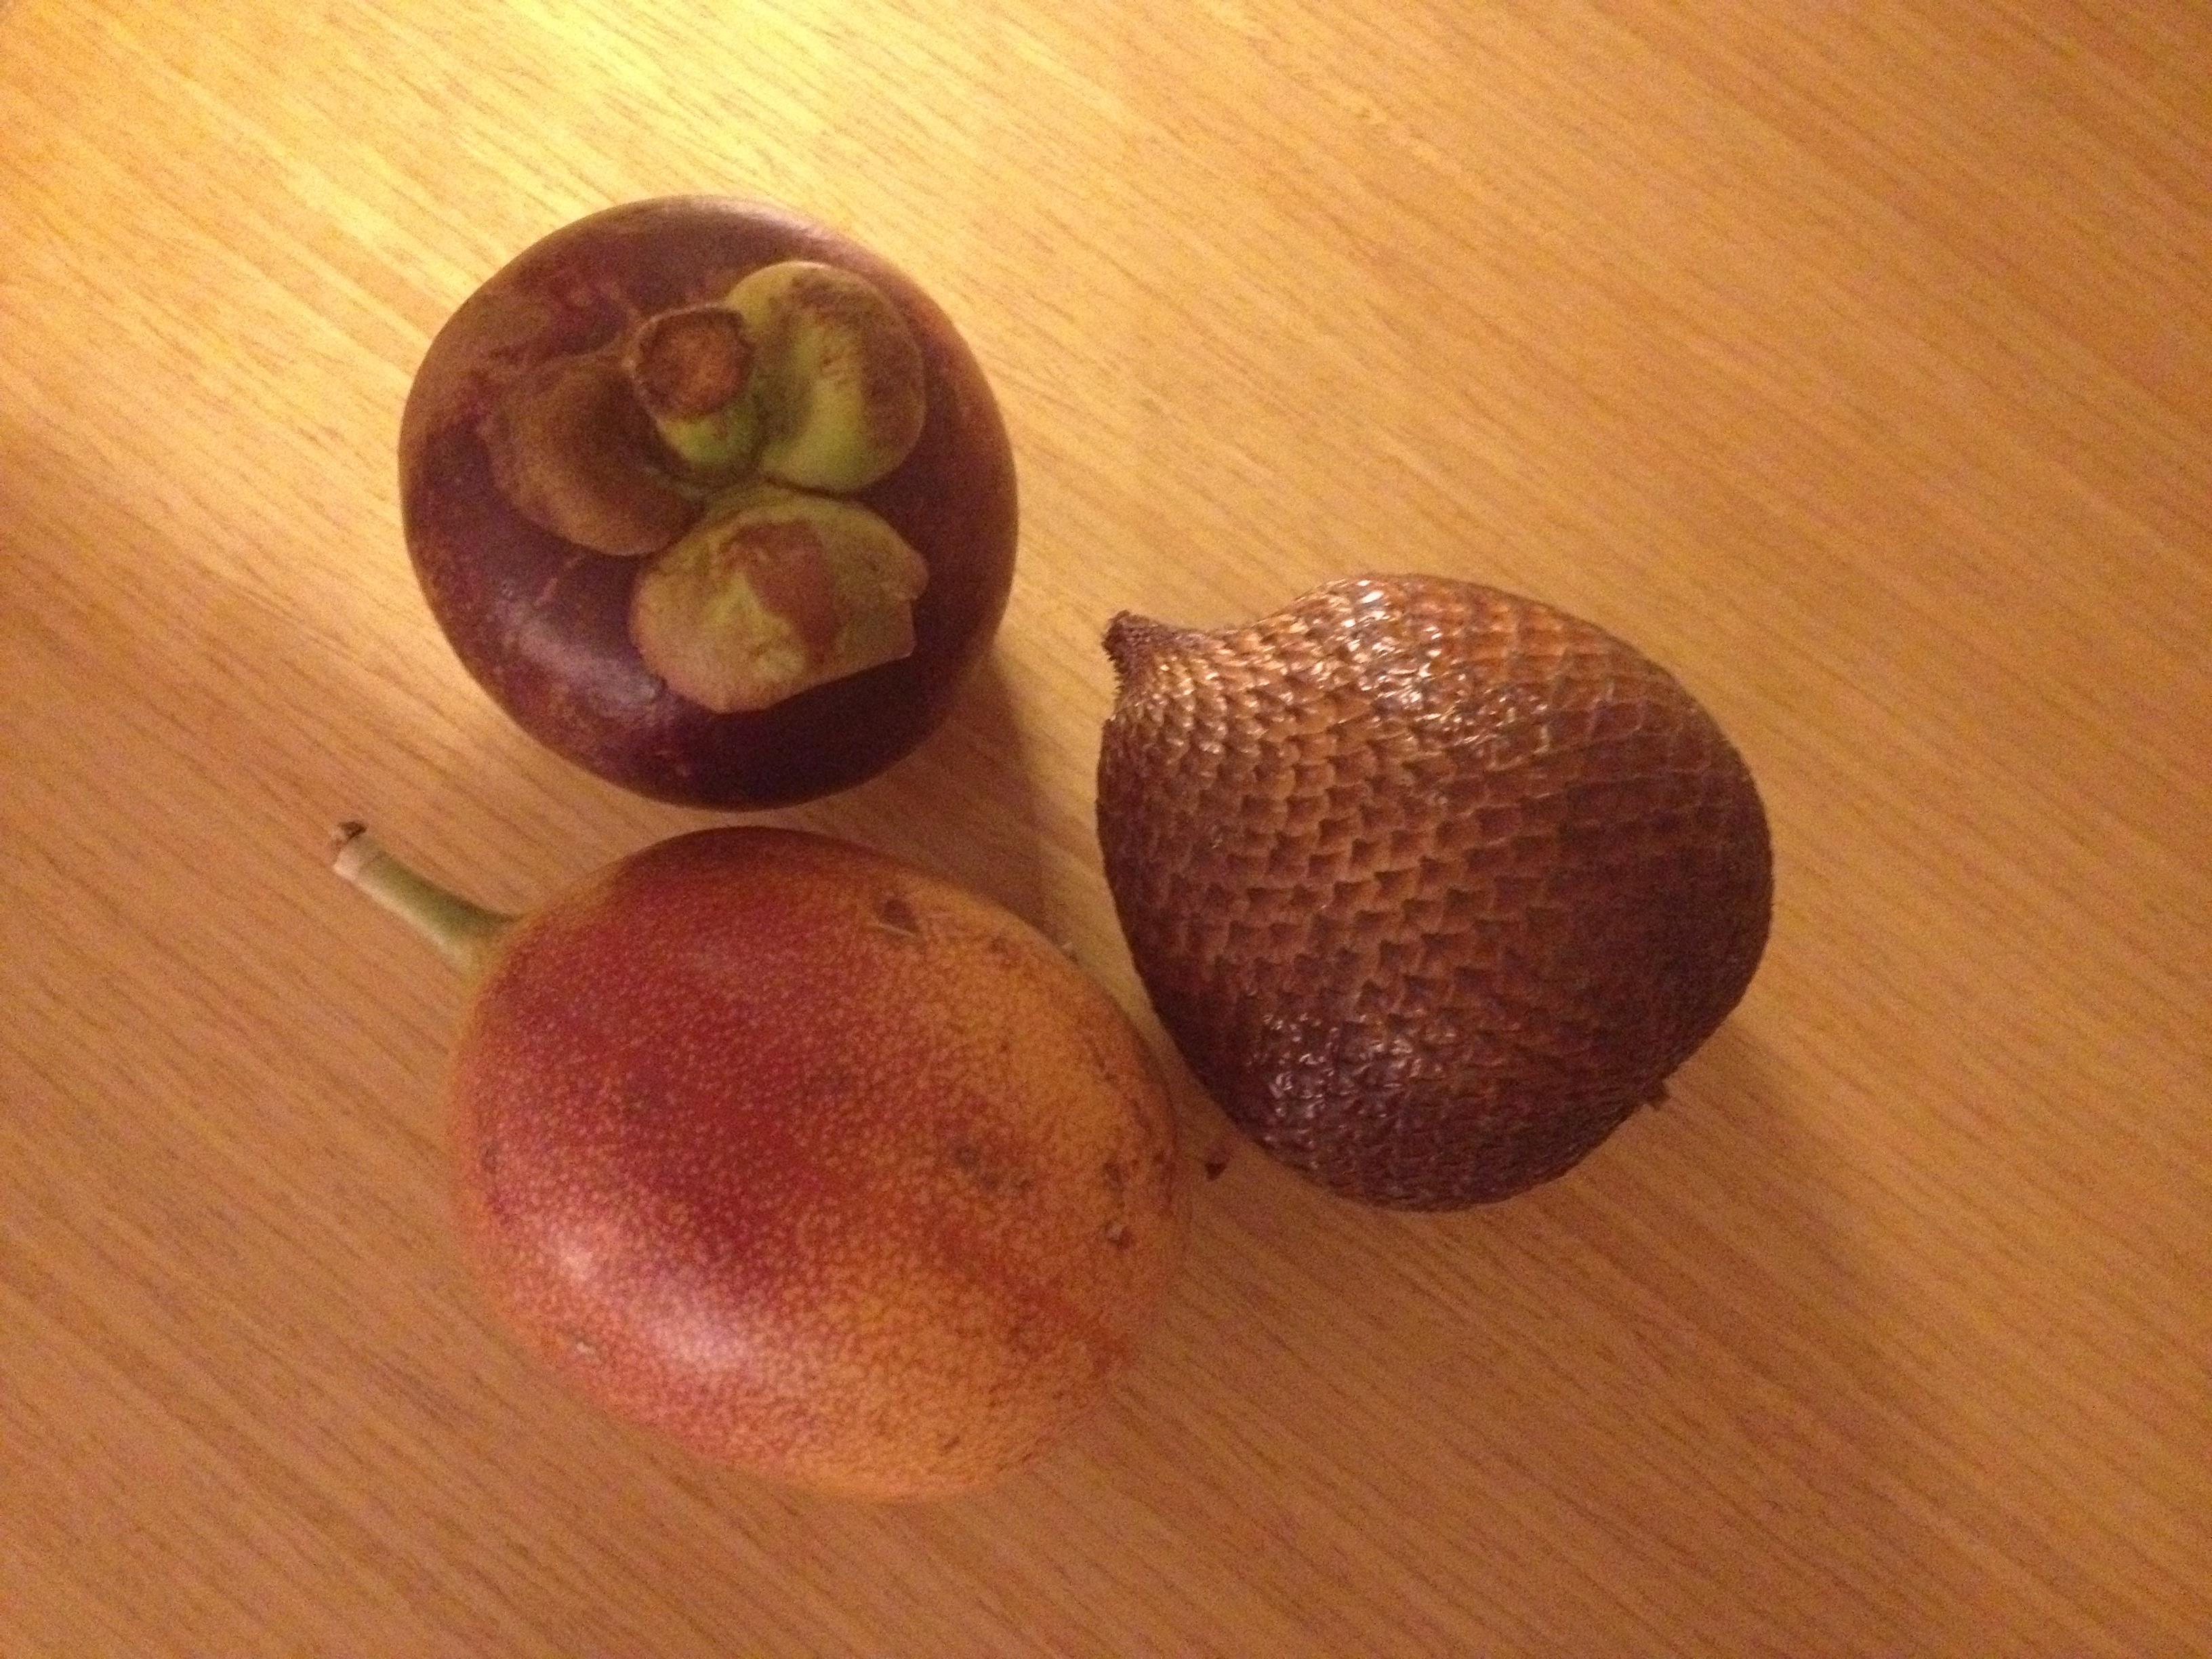 巴厘岛小商店 巴厘岛的特产水果是山竹,蛇皮果,百花果,还有水果之王